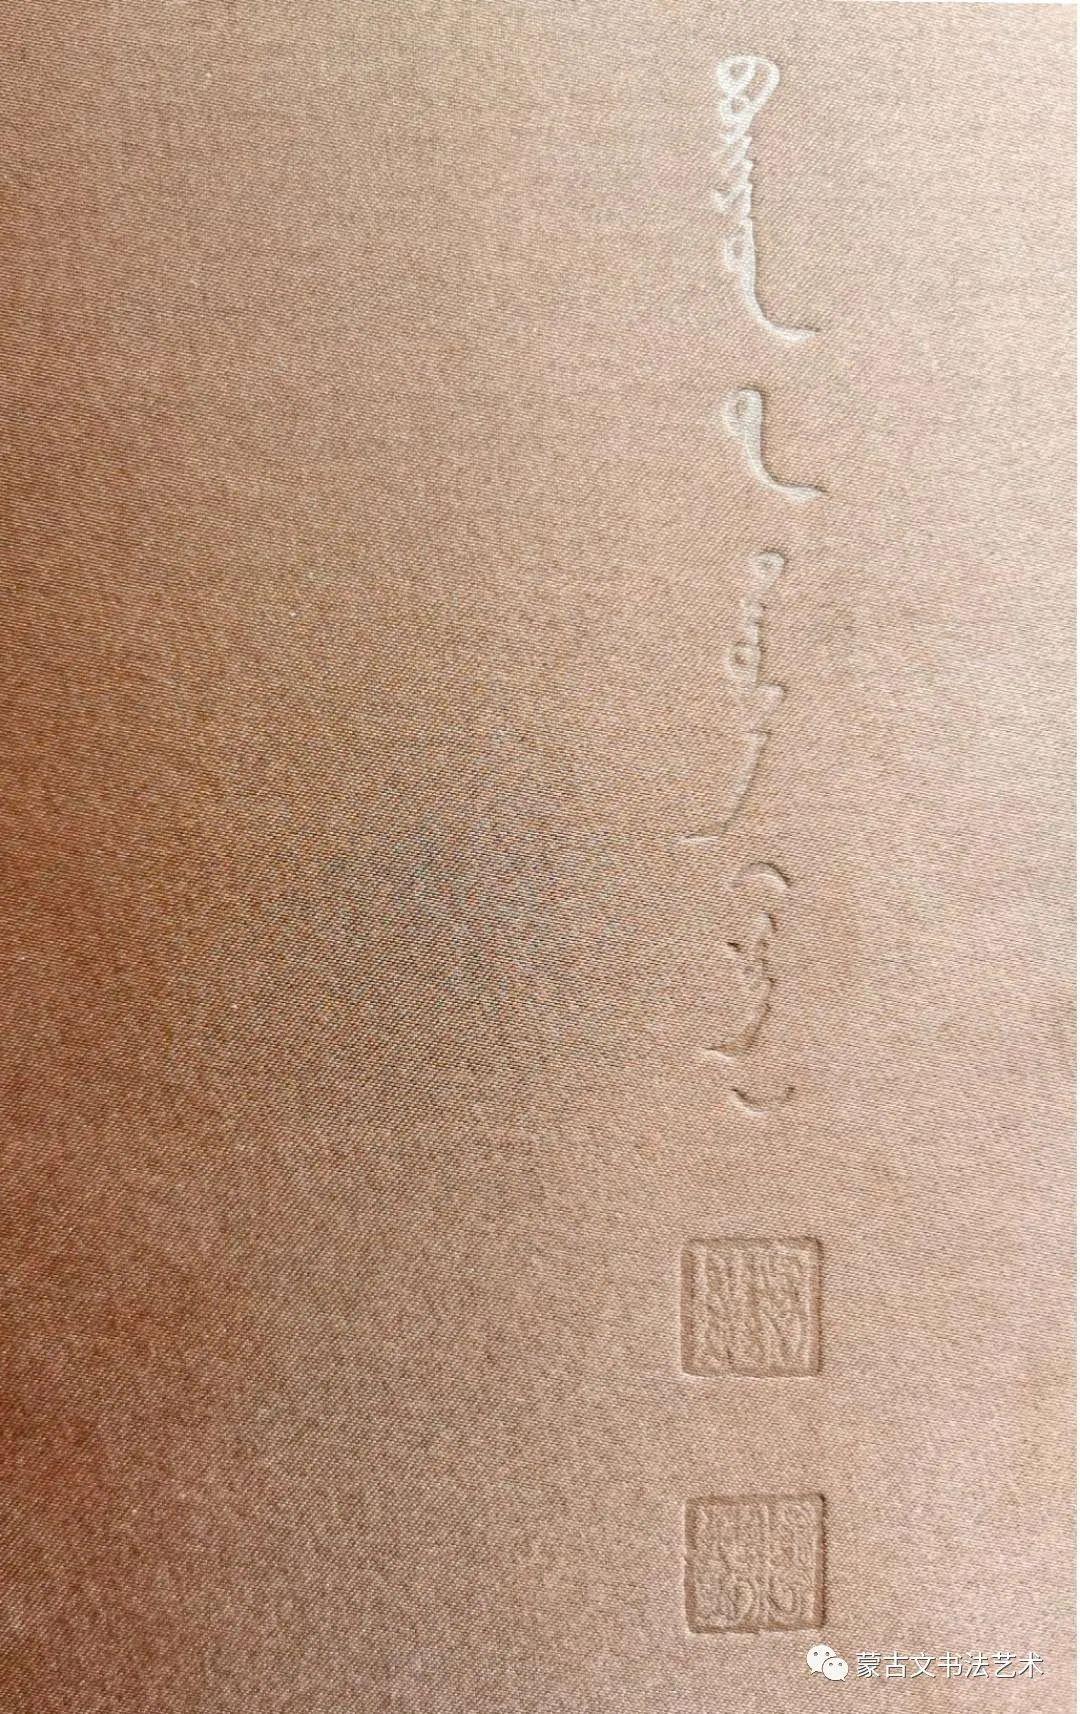 蒙古文经典文献当代书法名家手抄本之斯仁巴图《布里亚特史》 第2张